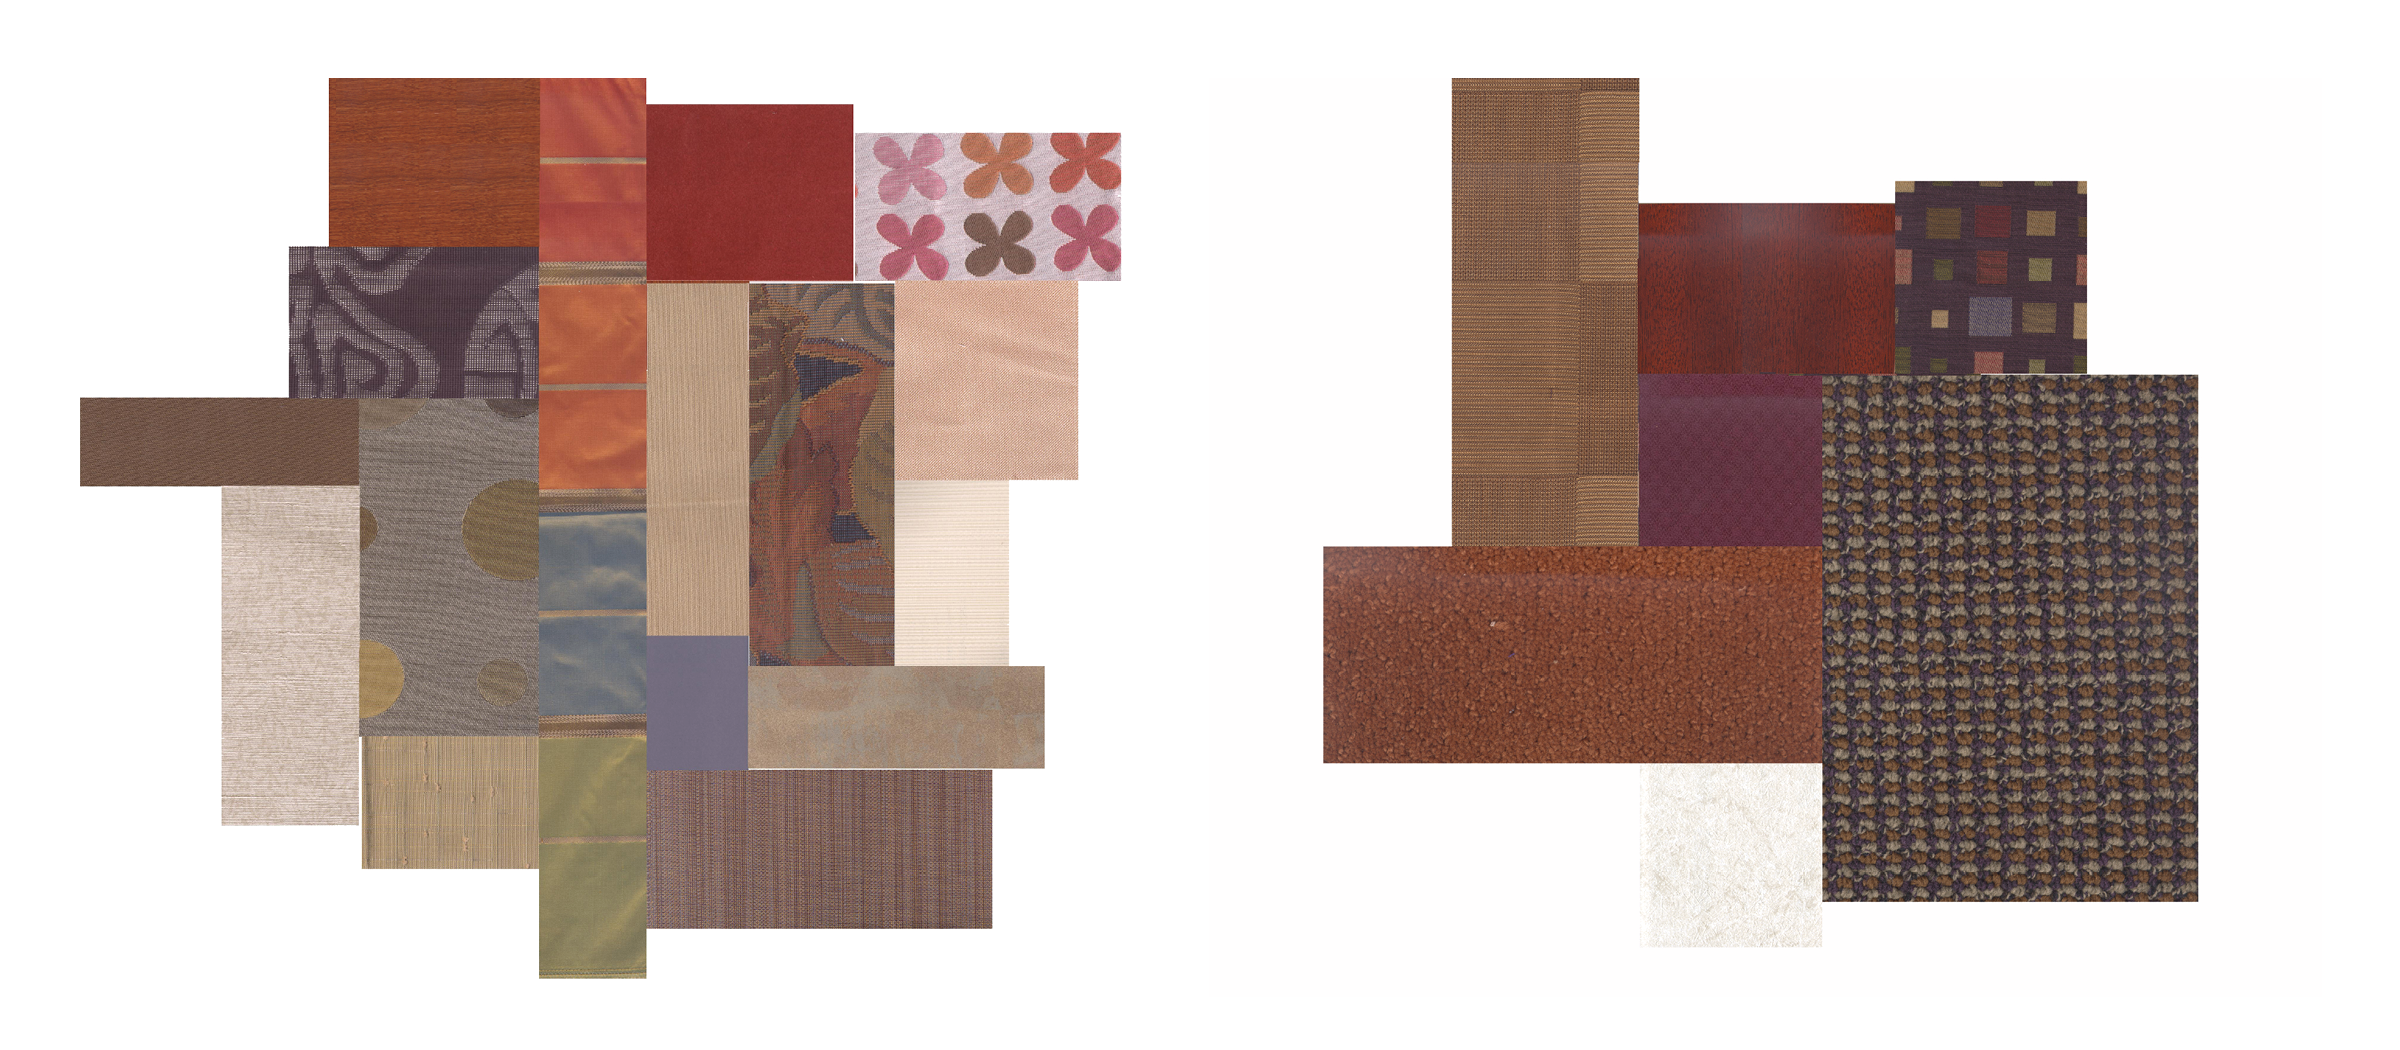 The Arbor Fabric 1